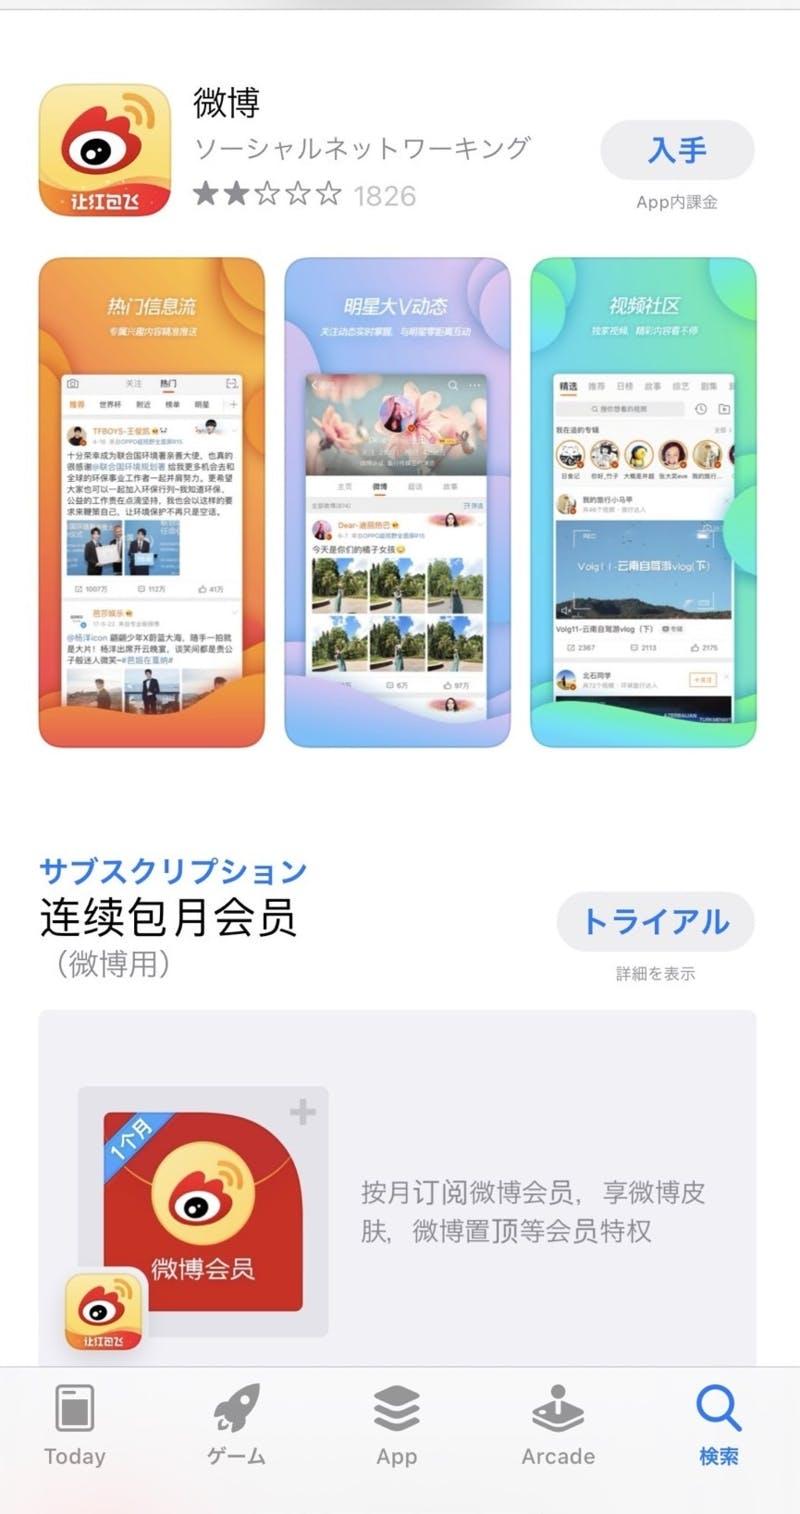 App StoreでWeiboを検索